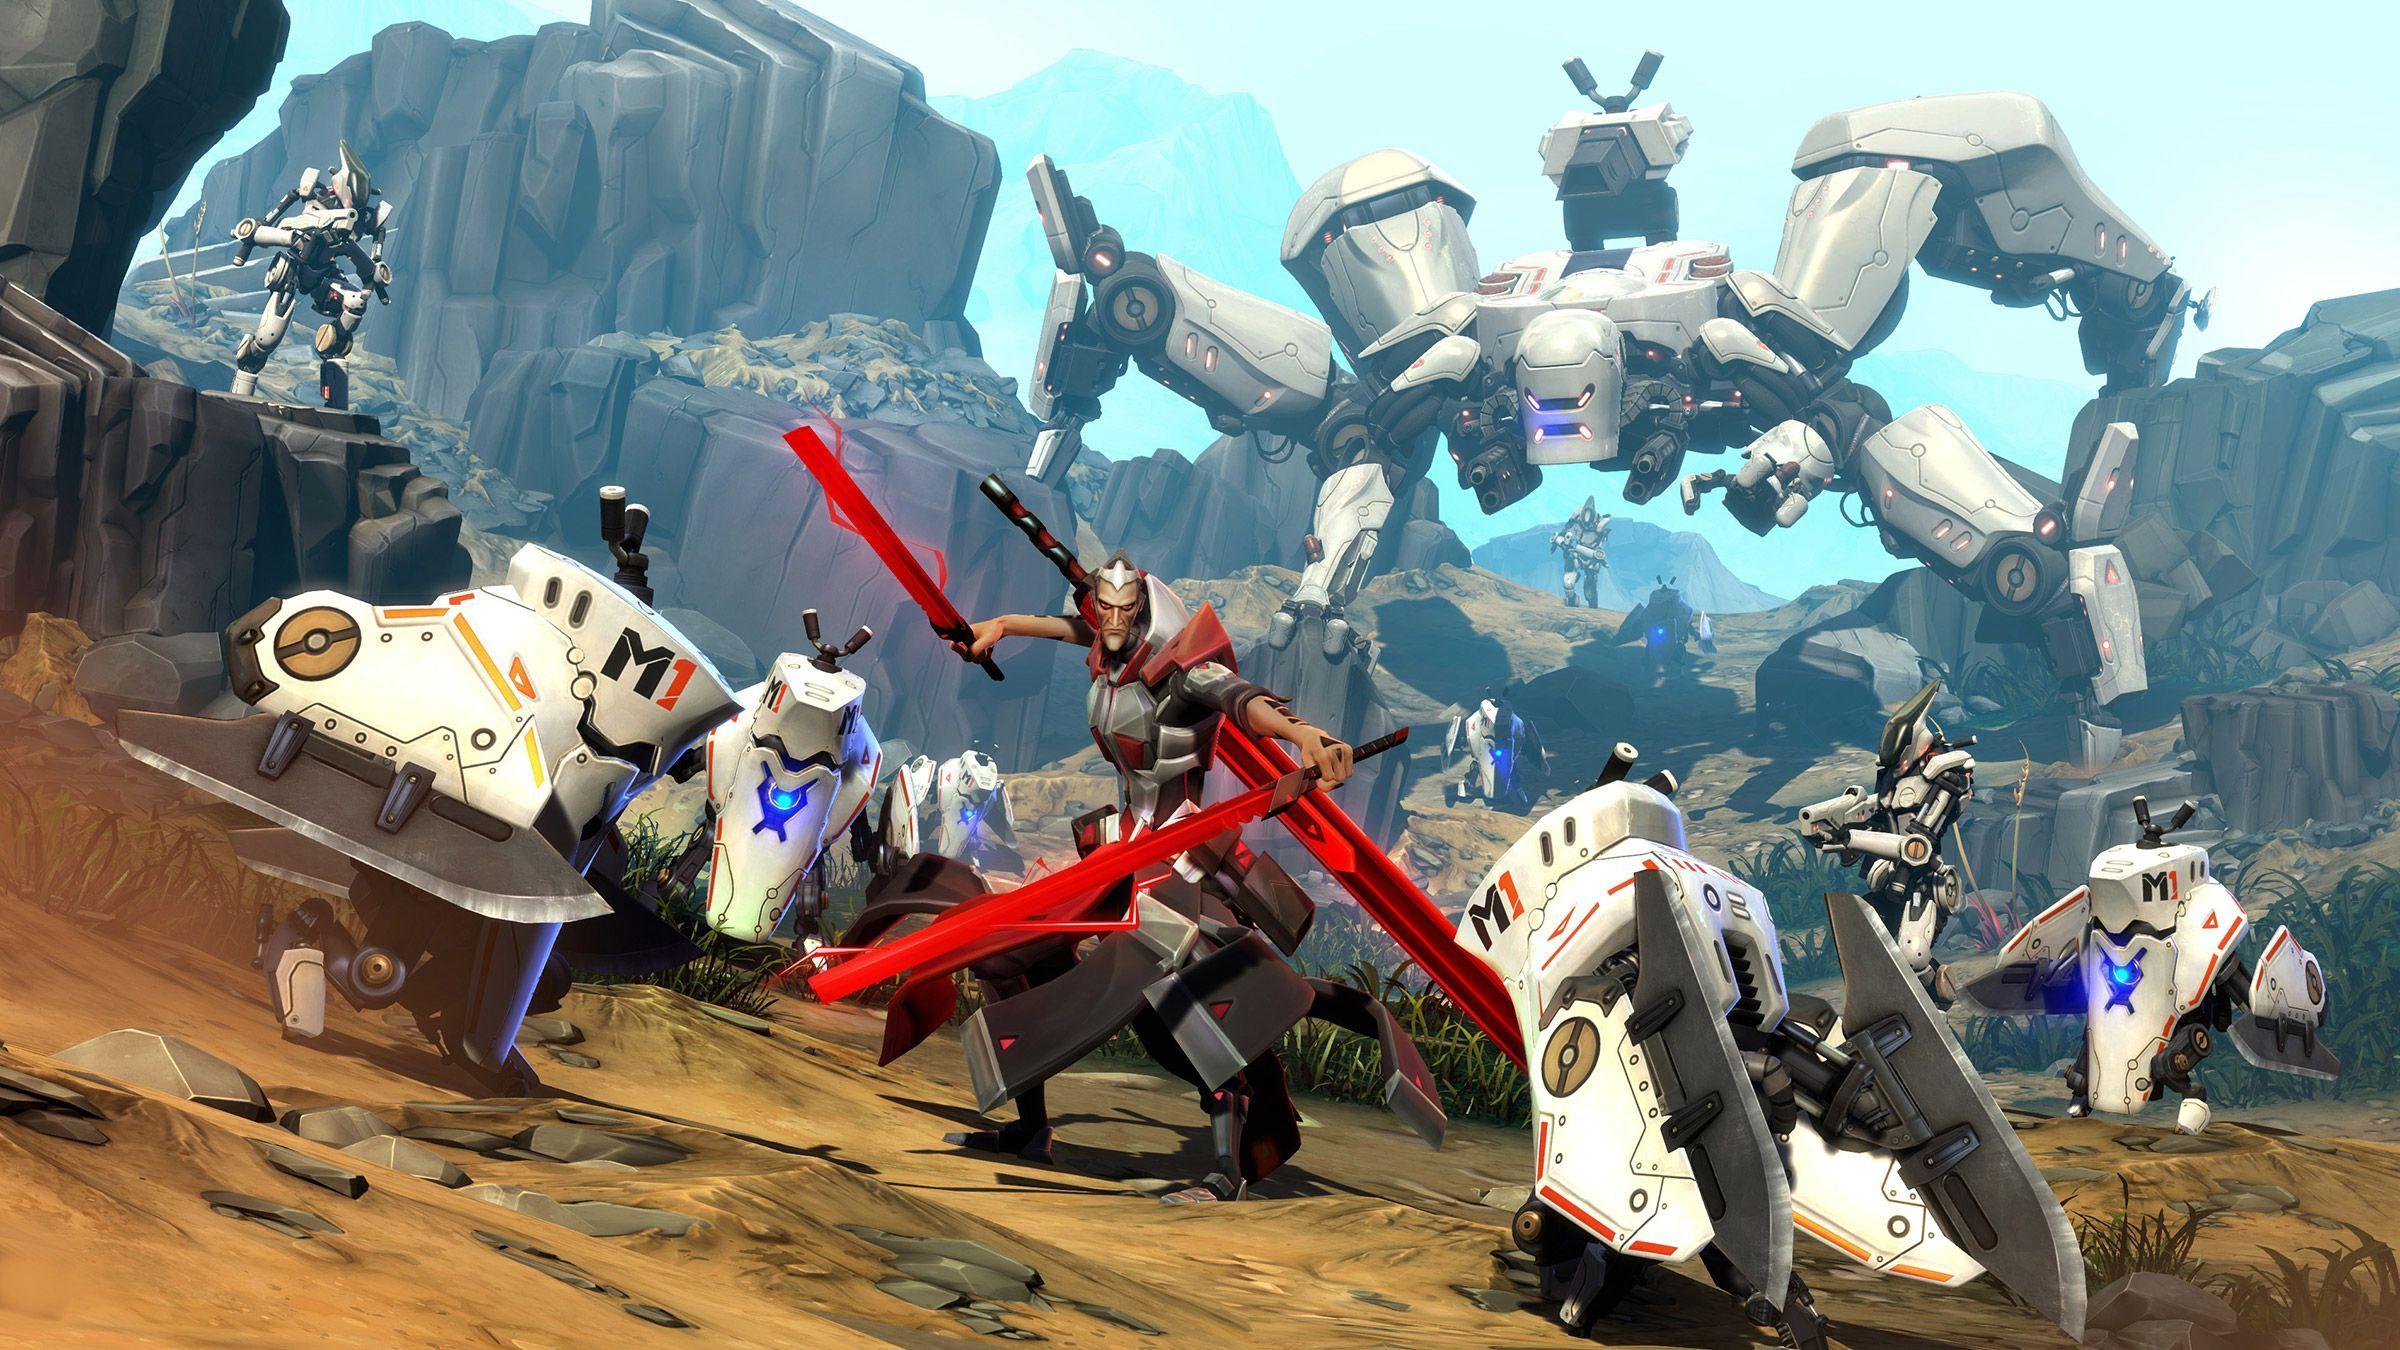 Pin by Jinx Ryder on BattleBorn Stuff Ps4 co op games